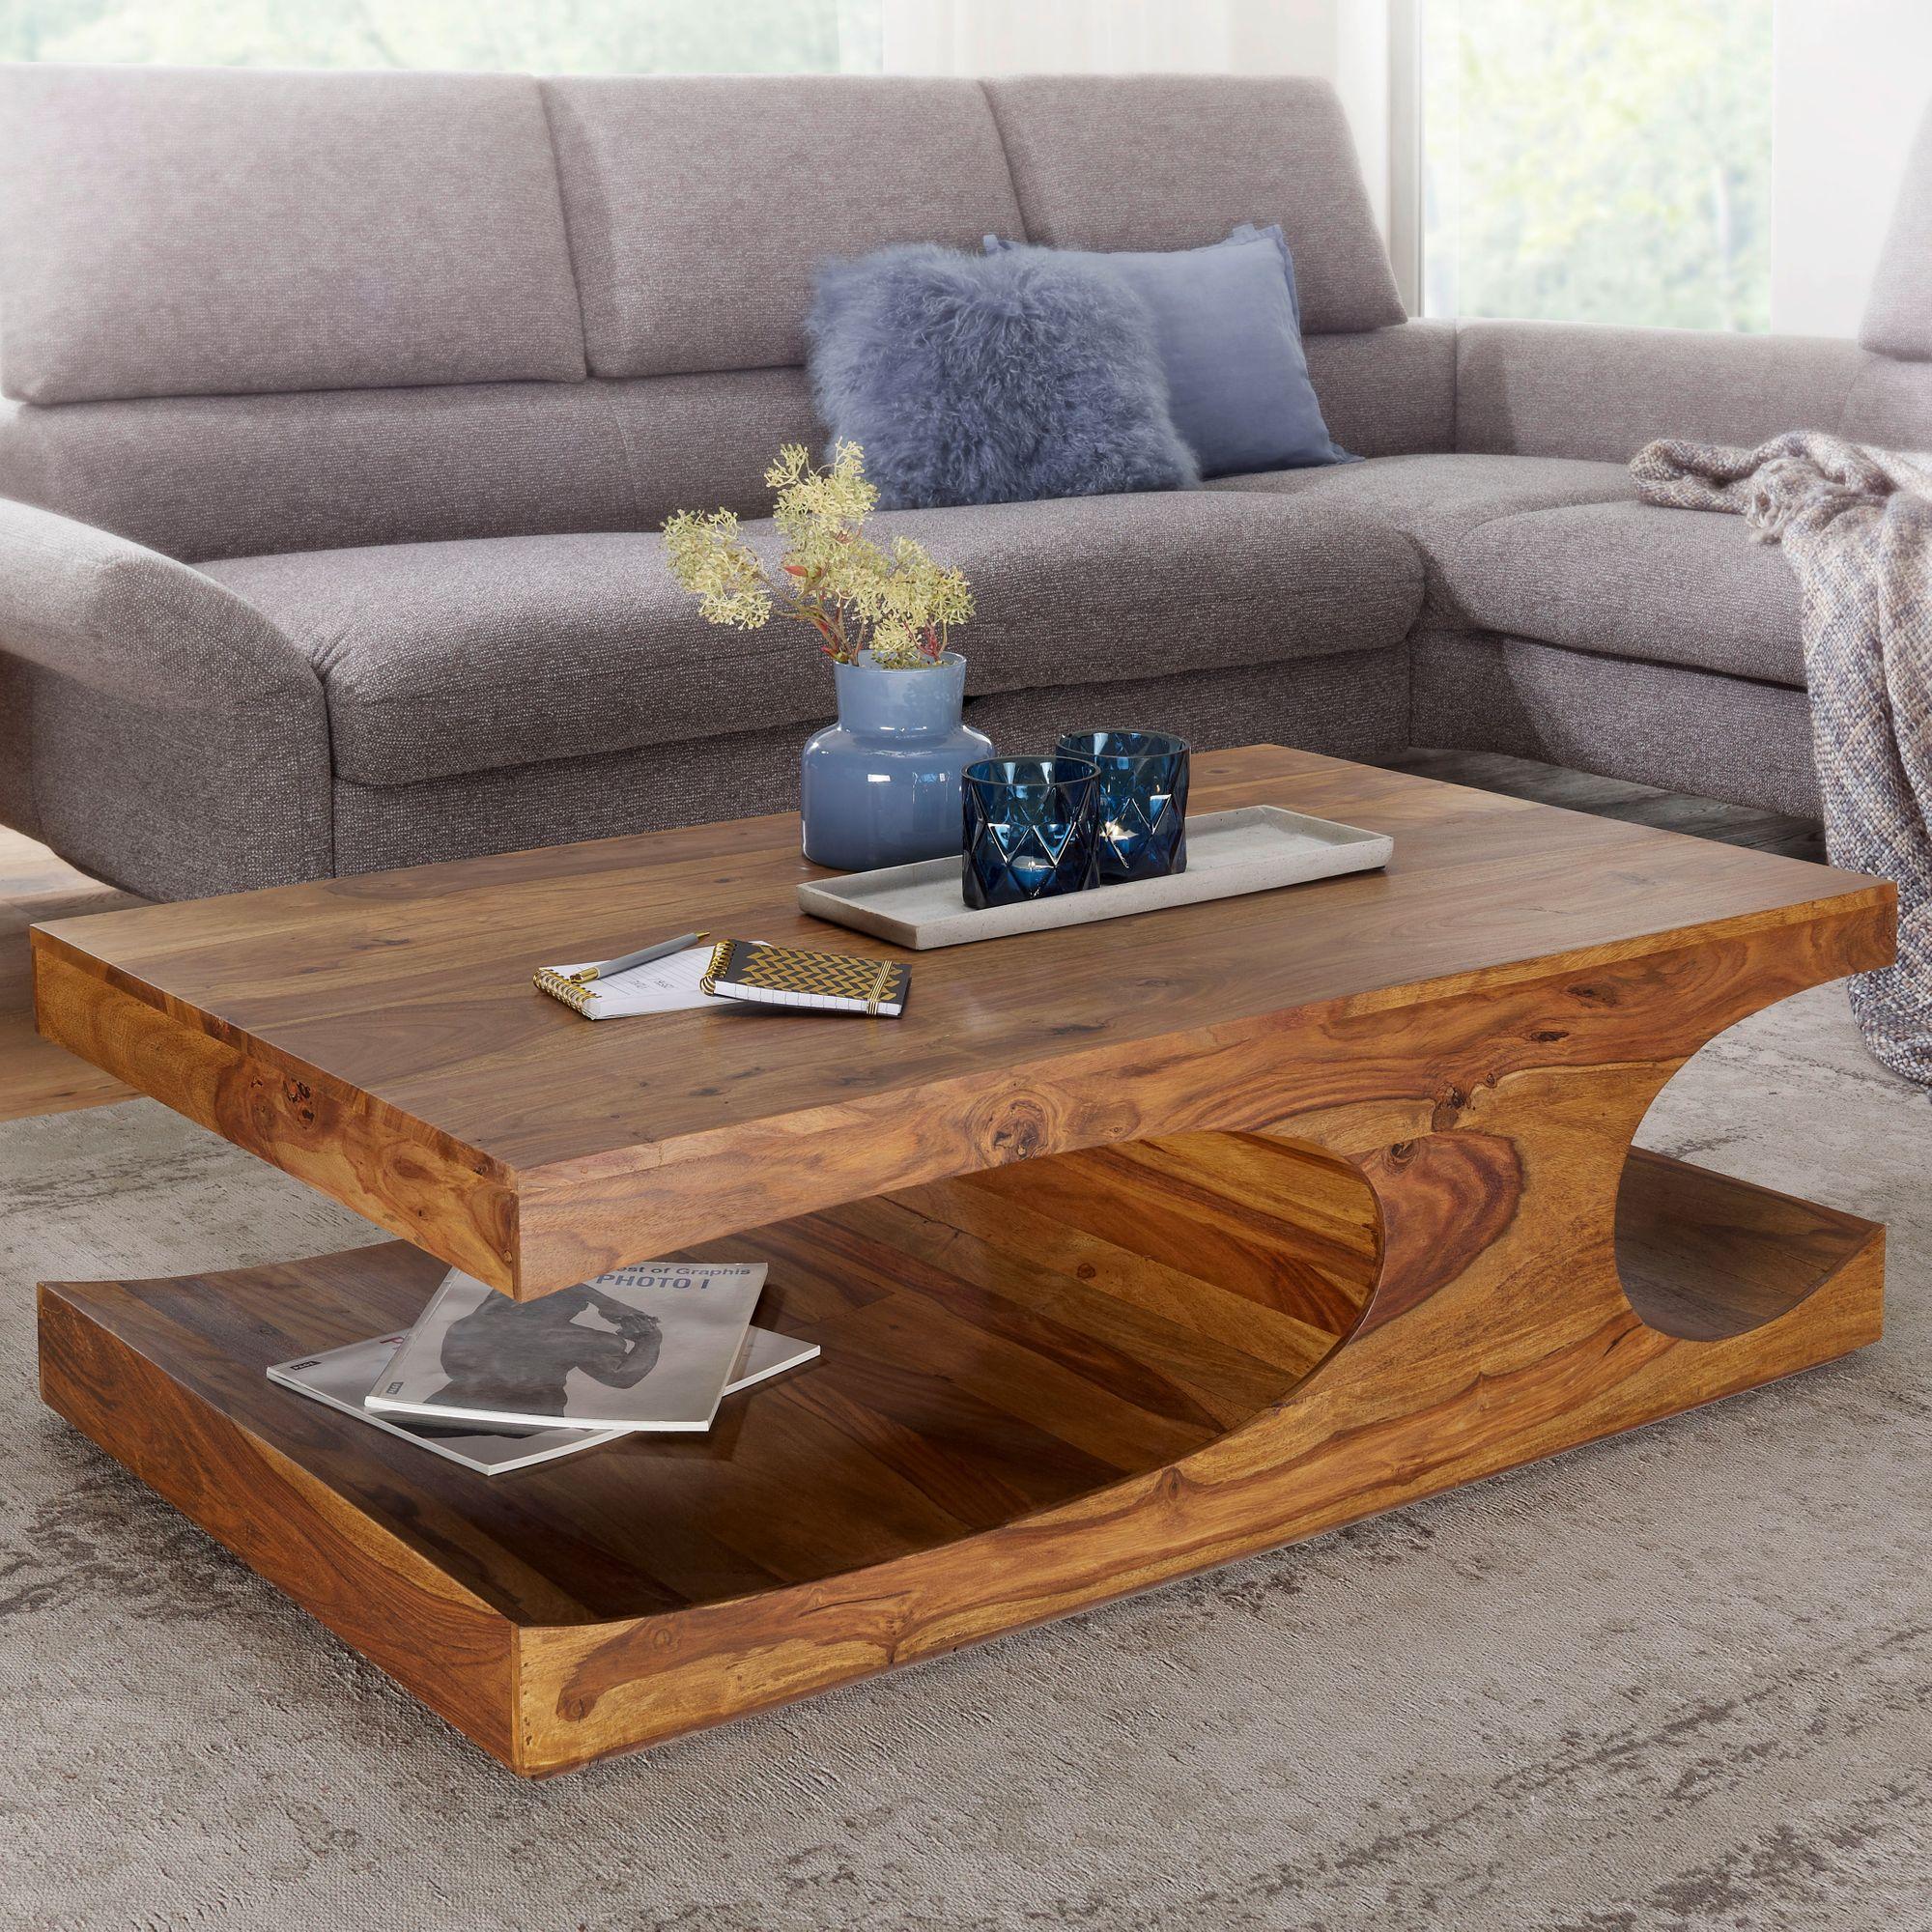 Finebuy Couchtisch Massivholz 120 Cm Breit Wohnzimmertisch Landhaus Beistelltisch